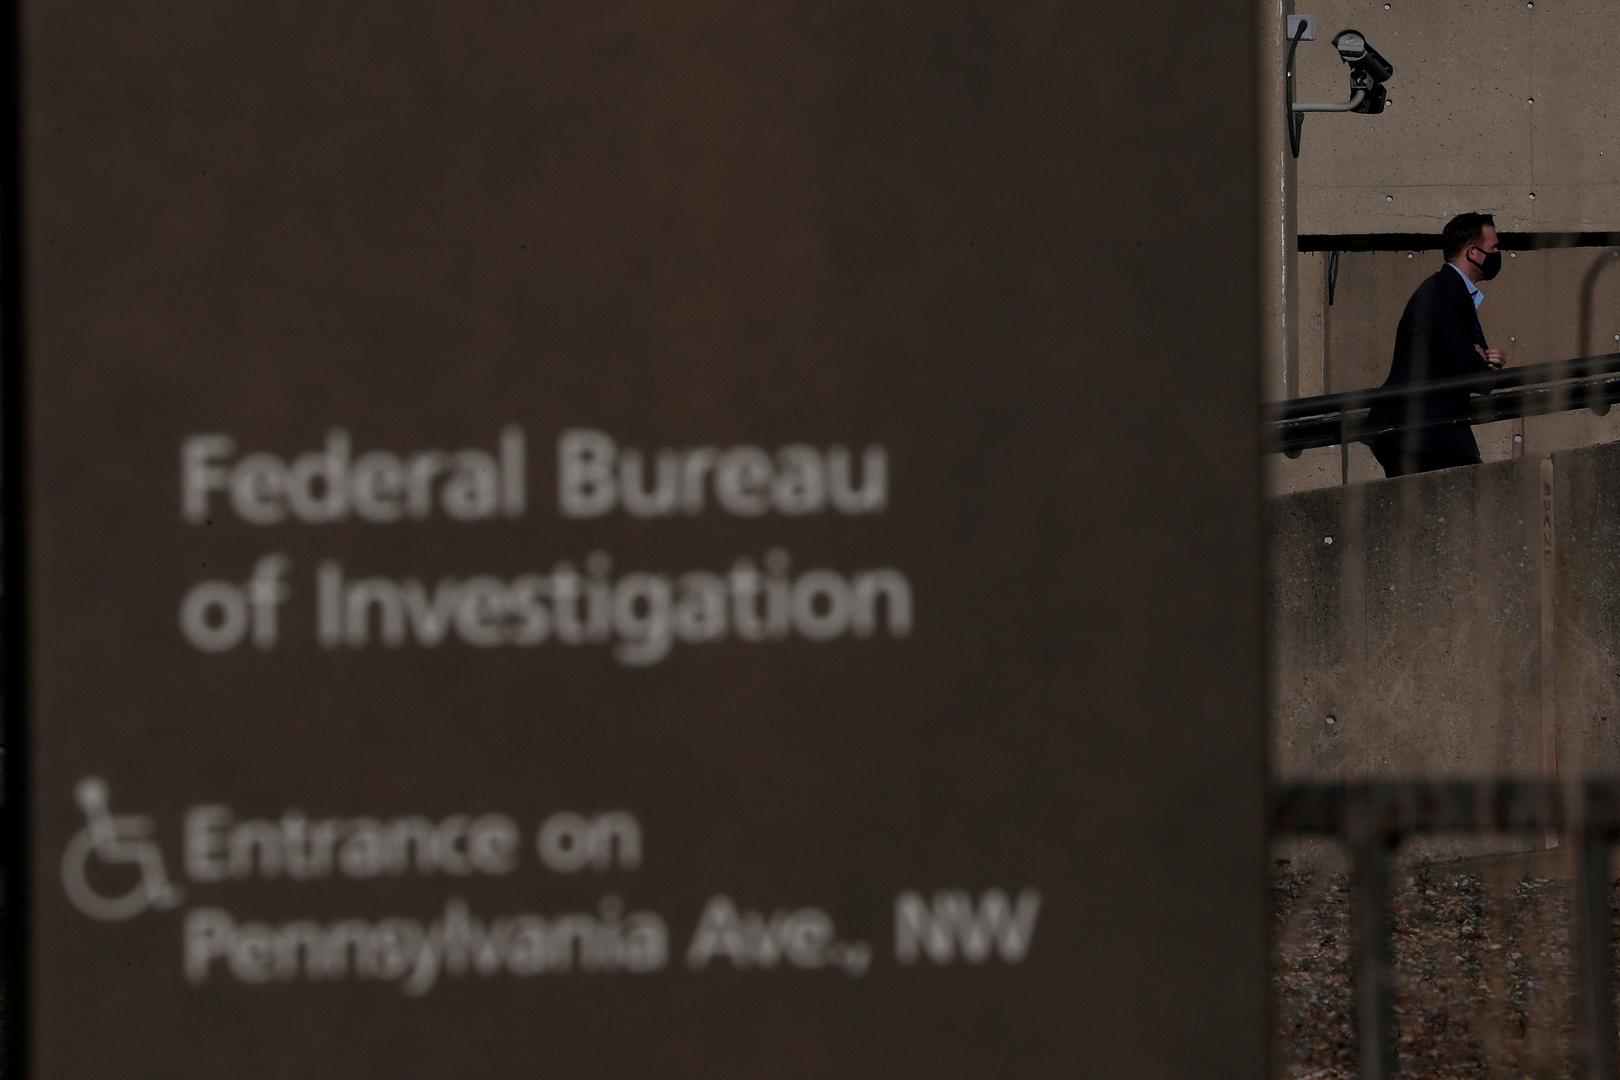 FBI يرجح أن يكون مخترق المواقع الحكومية الأمريكية من أصول روسية